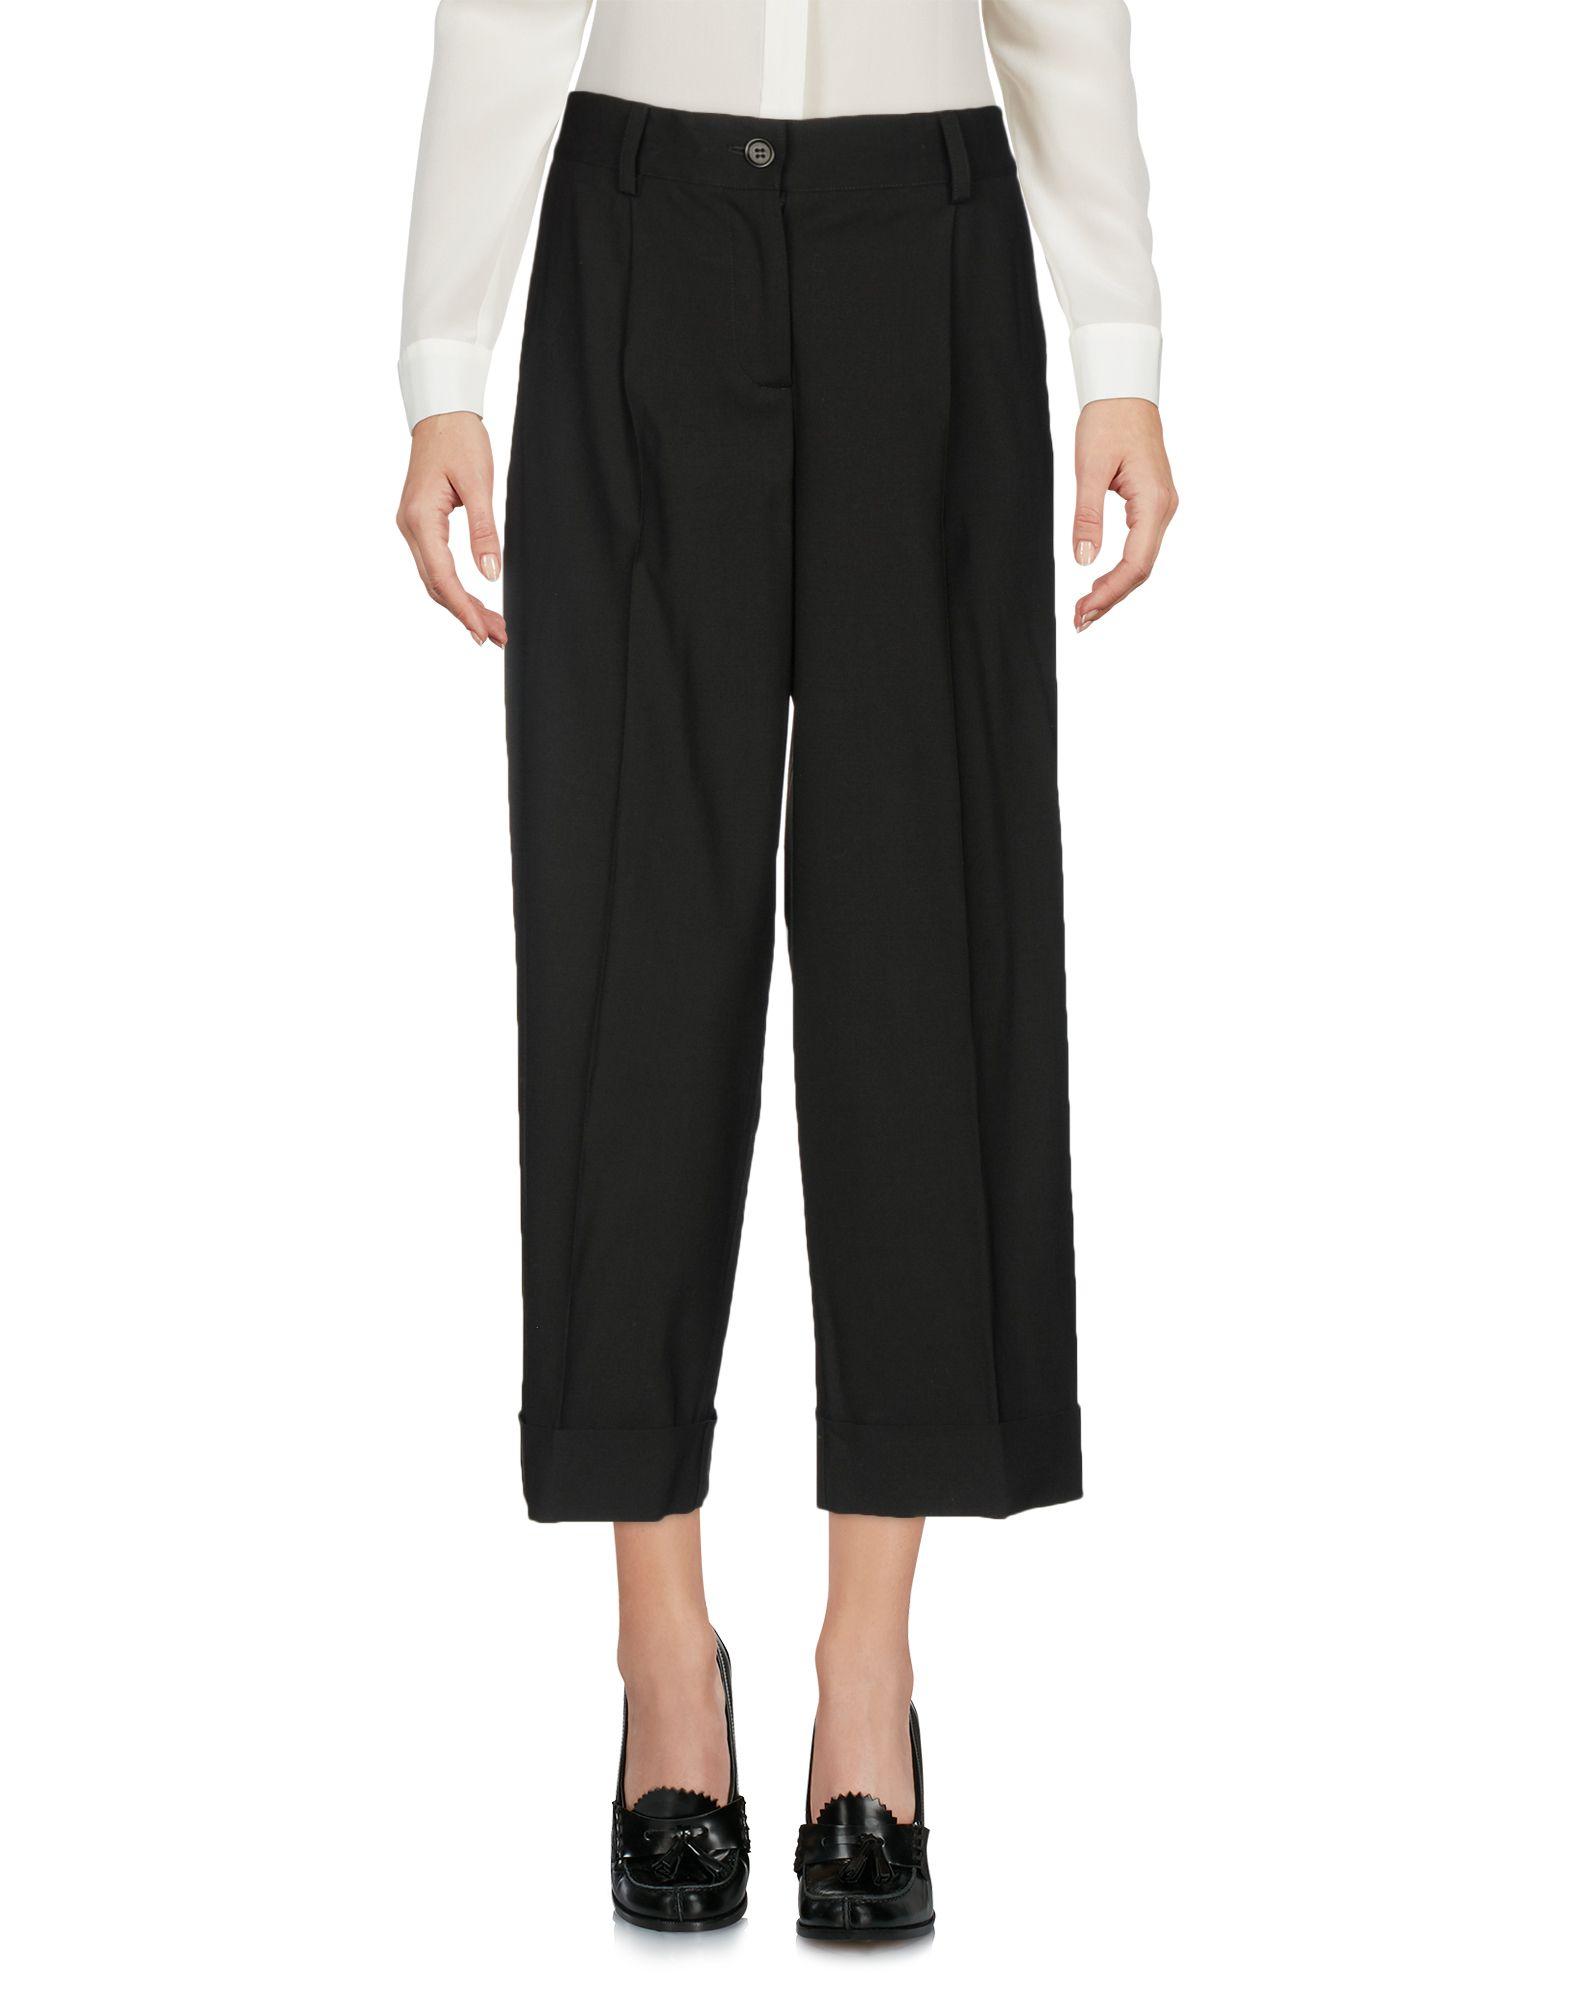 Pantalone Classico P.A.R.O.S.H. Donna - Acquista online su cXp94i874e